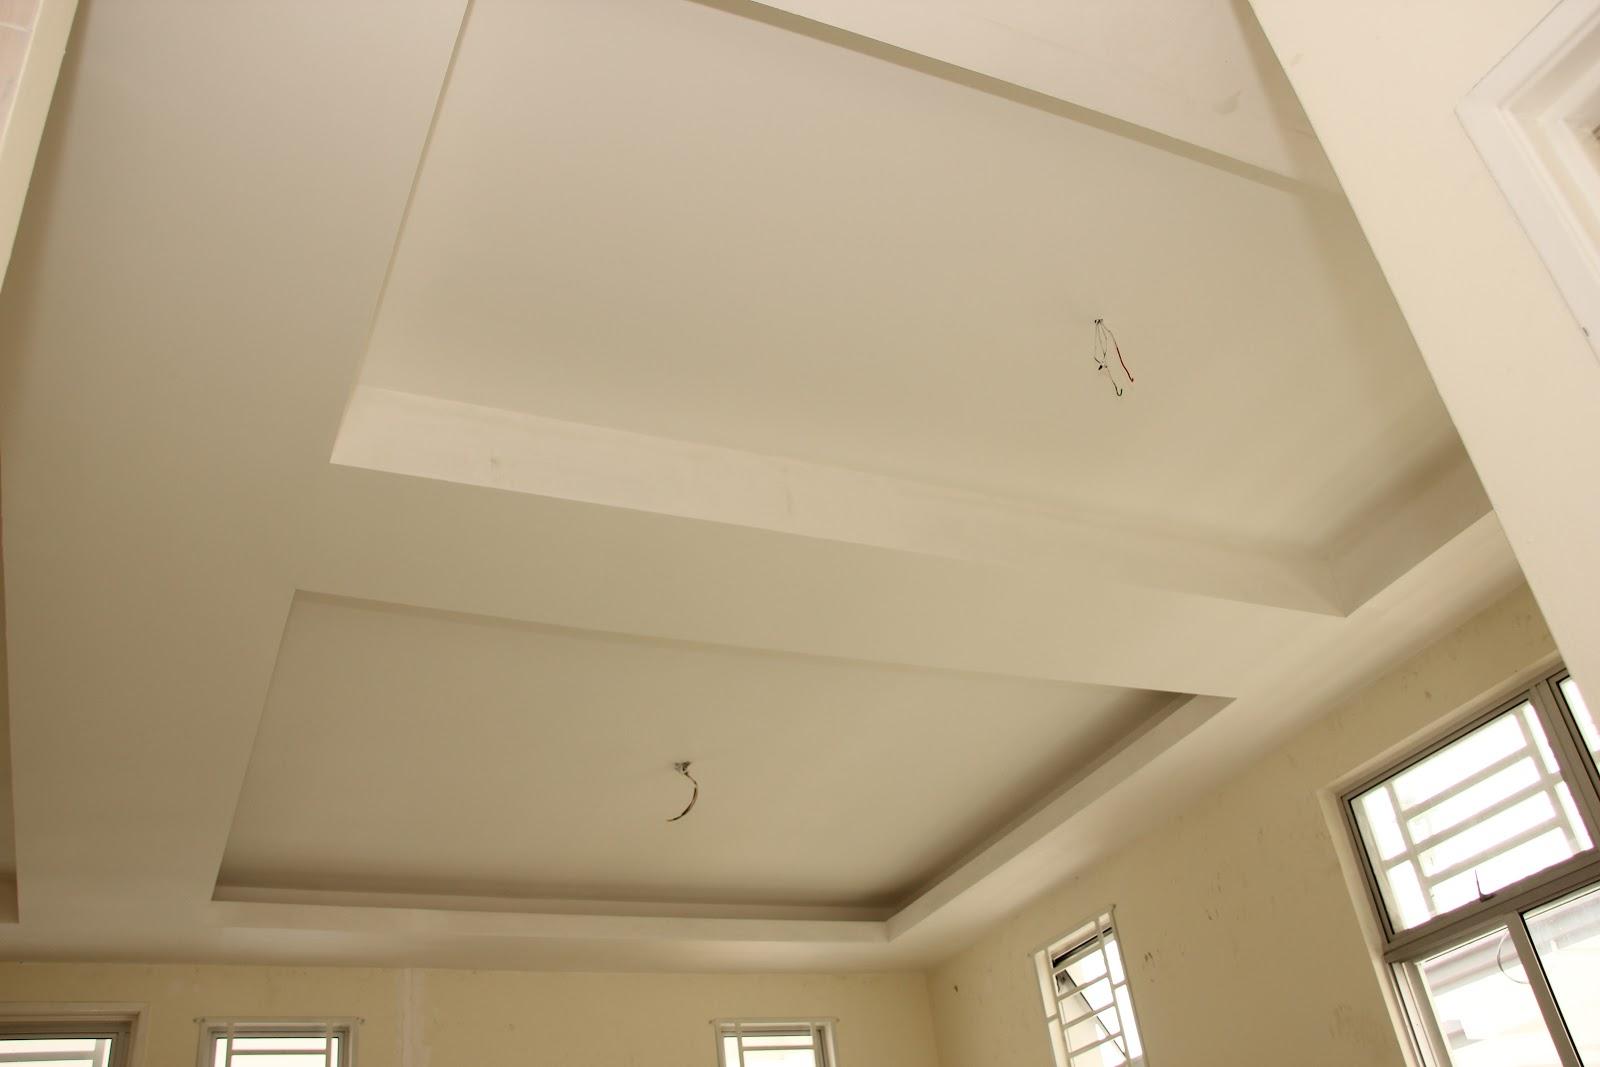 Plasterboard Remodeling : PLASTER CEILING: PLASTER CEILING DESIGN BANDAR SAUJANA PUTRA